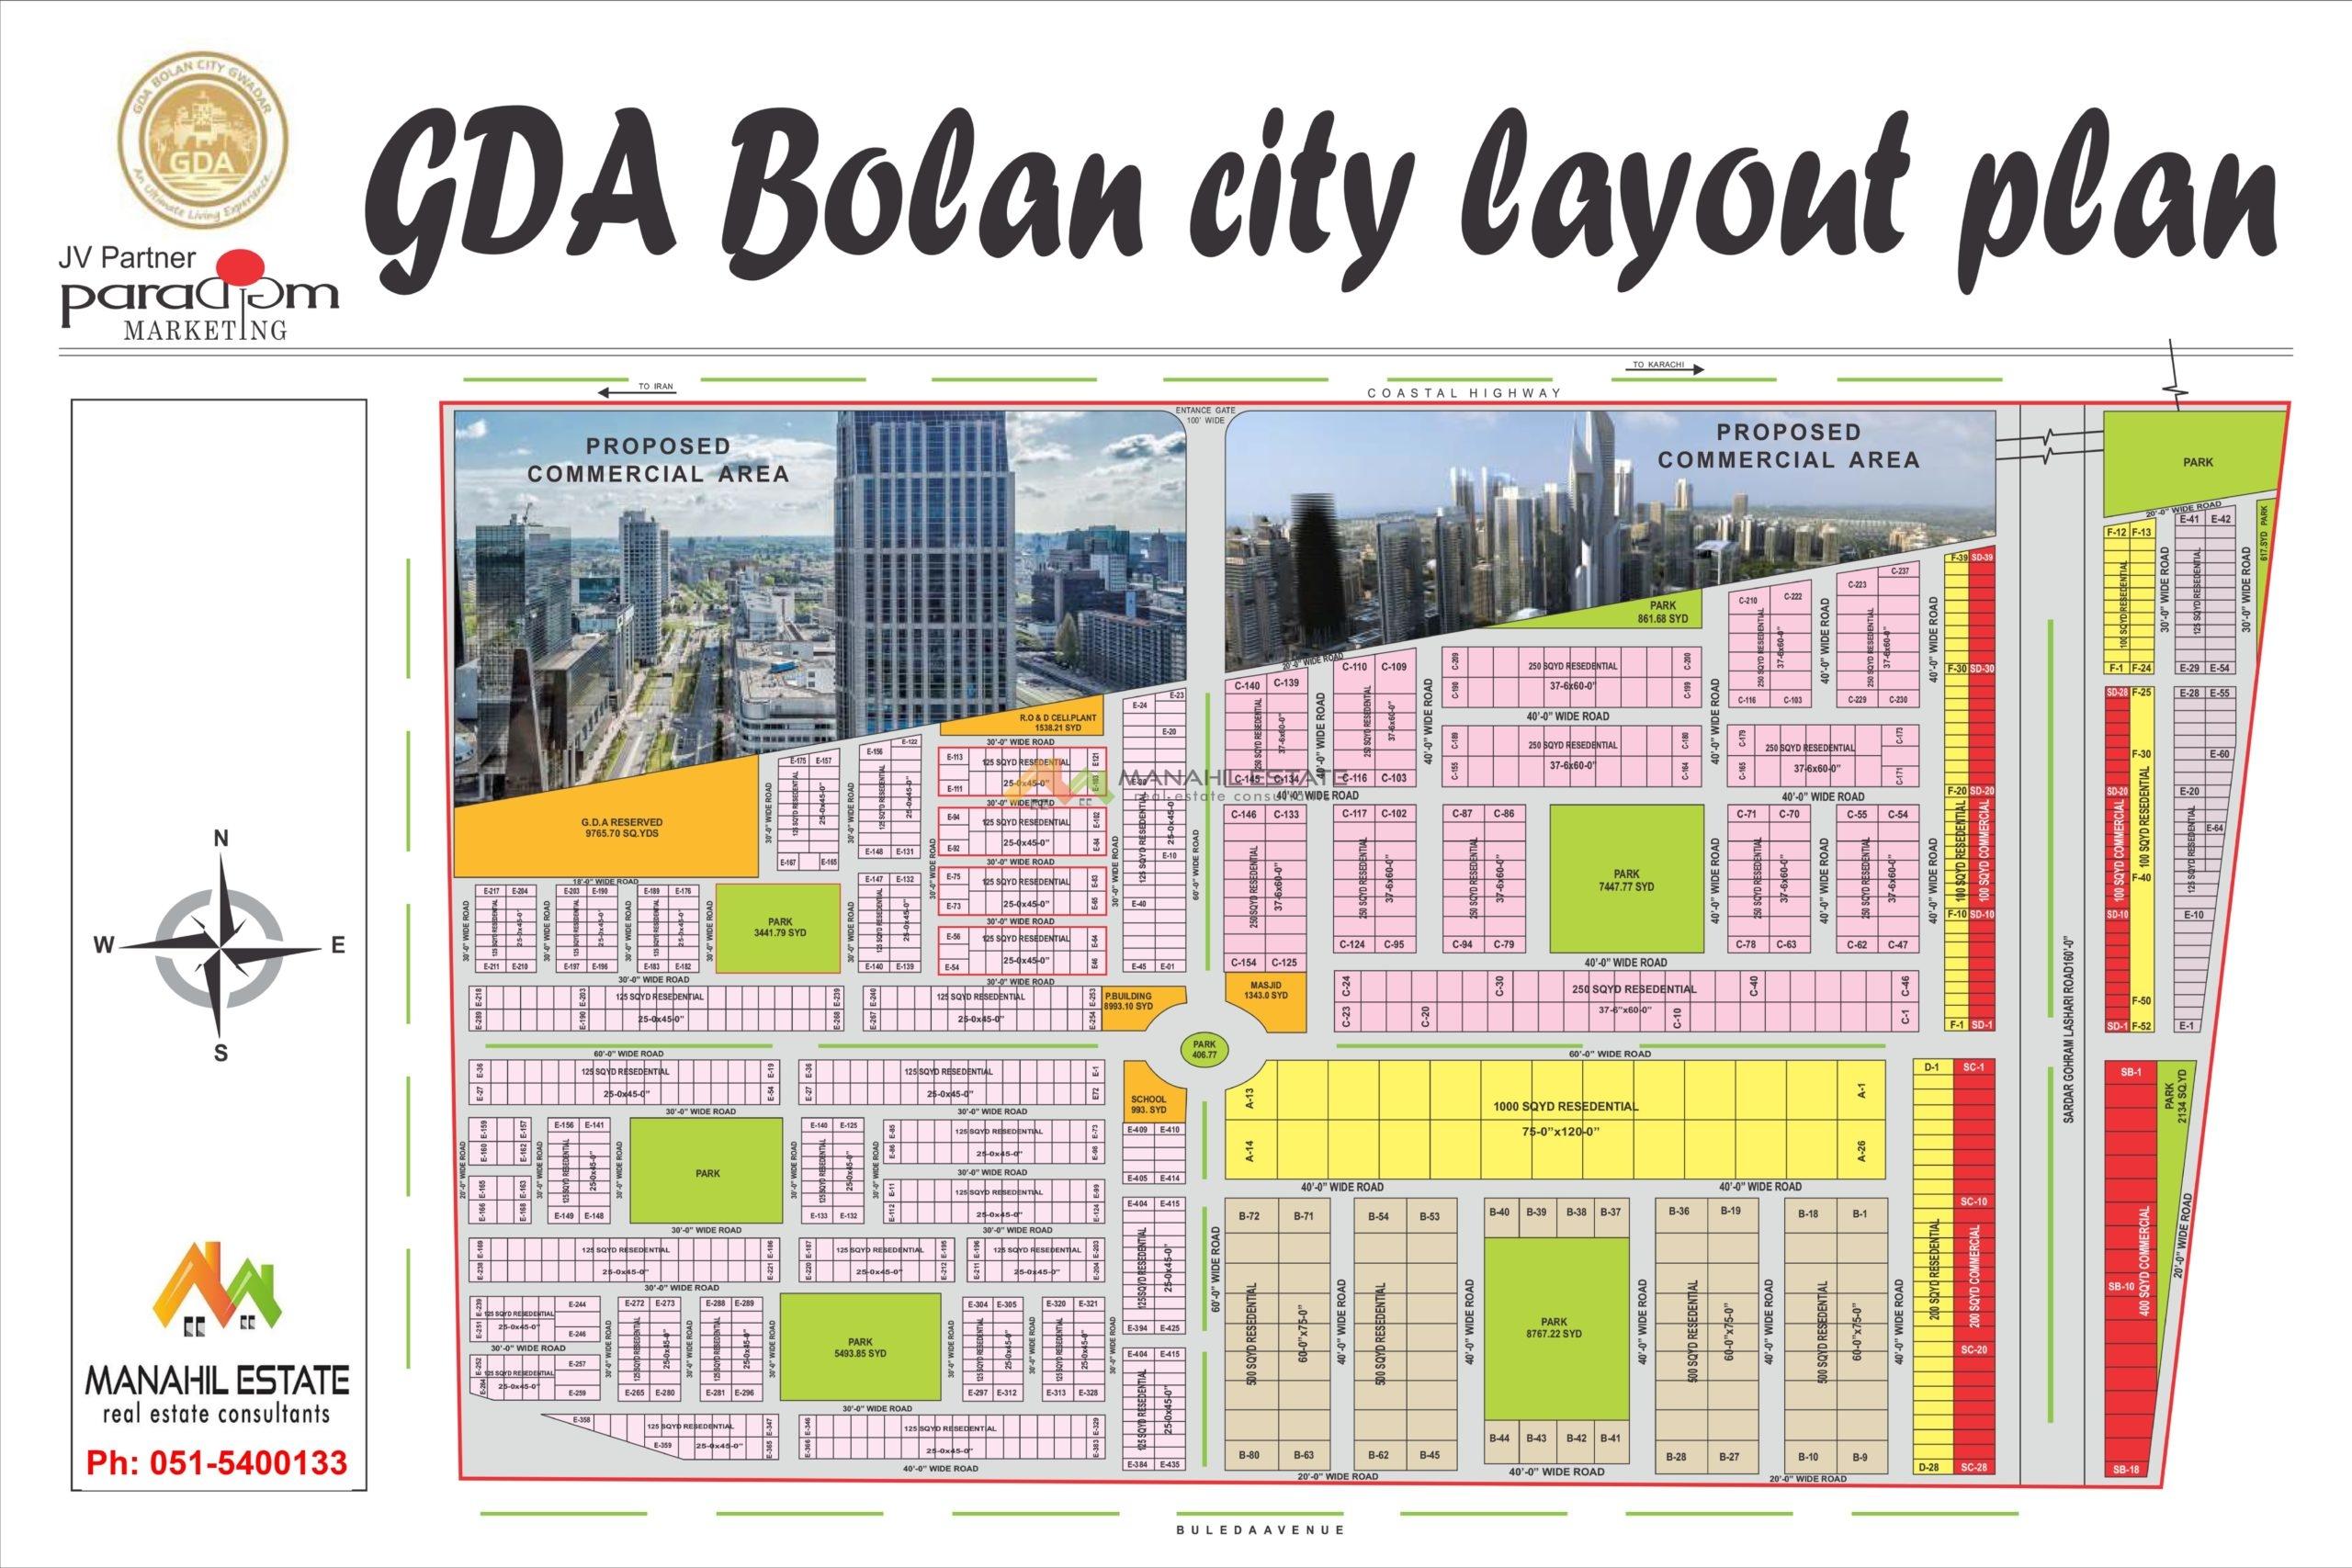 GDA Bolan City Gwadar Map